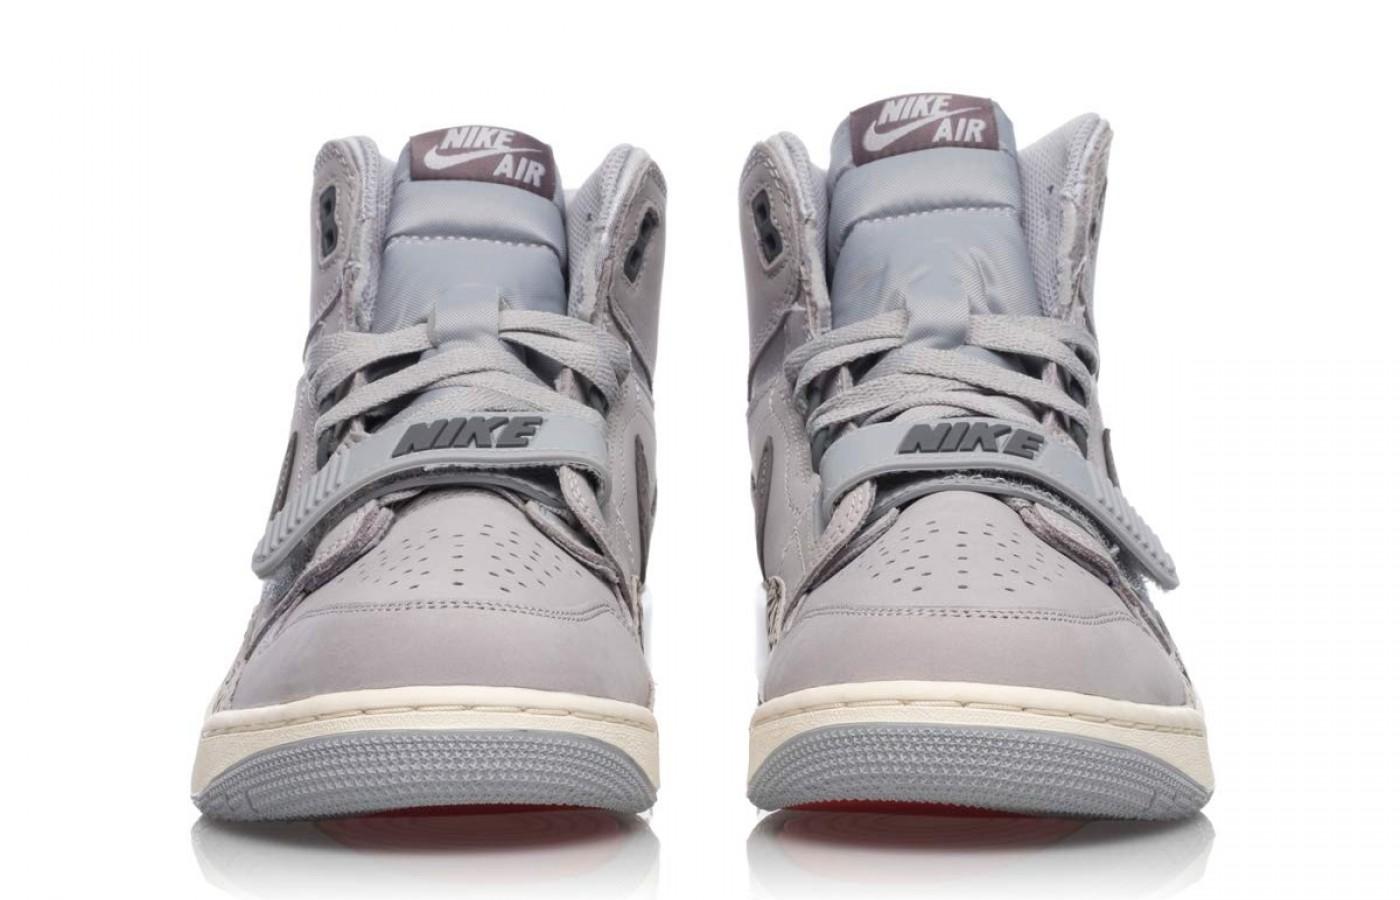 Jordan Nike Air Legacy 312  front